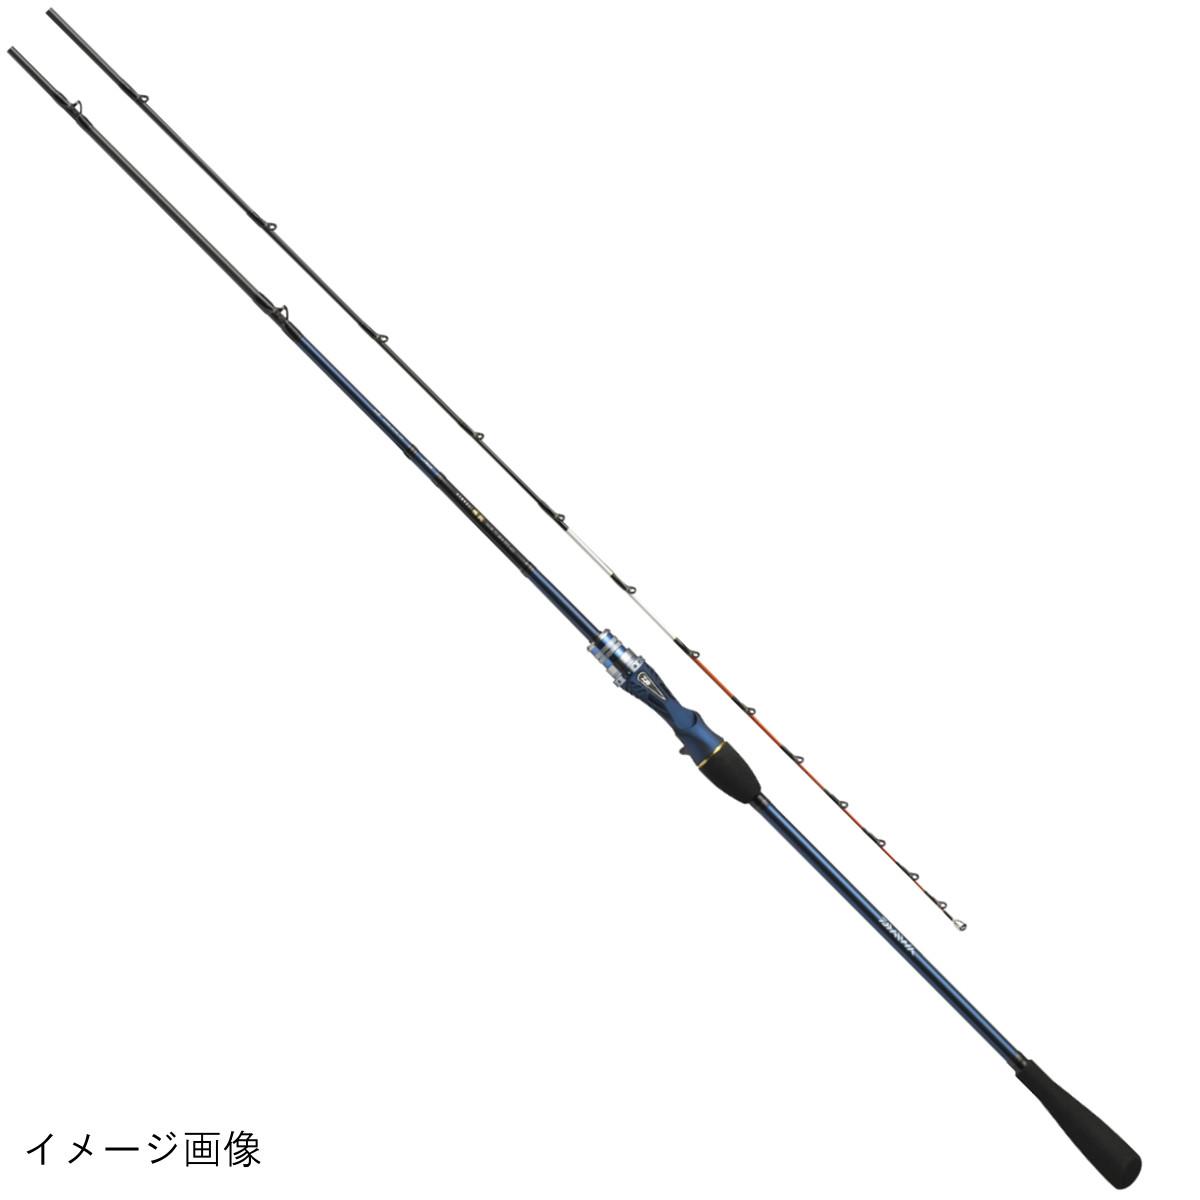 ダイワ 極鋭ゲーム 73 MH-193 AGS【大型商品】【送料無料】